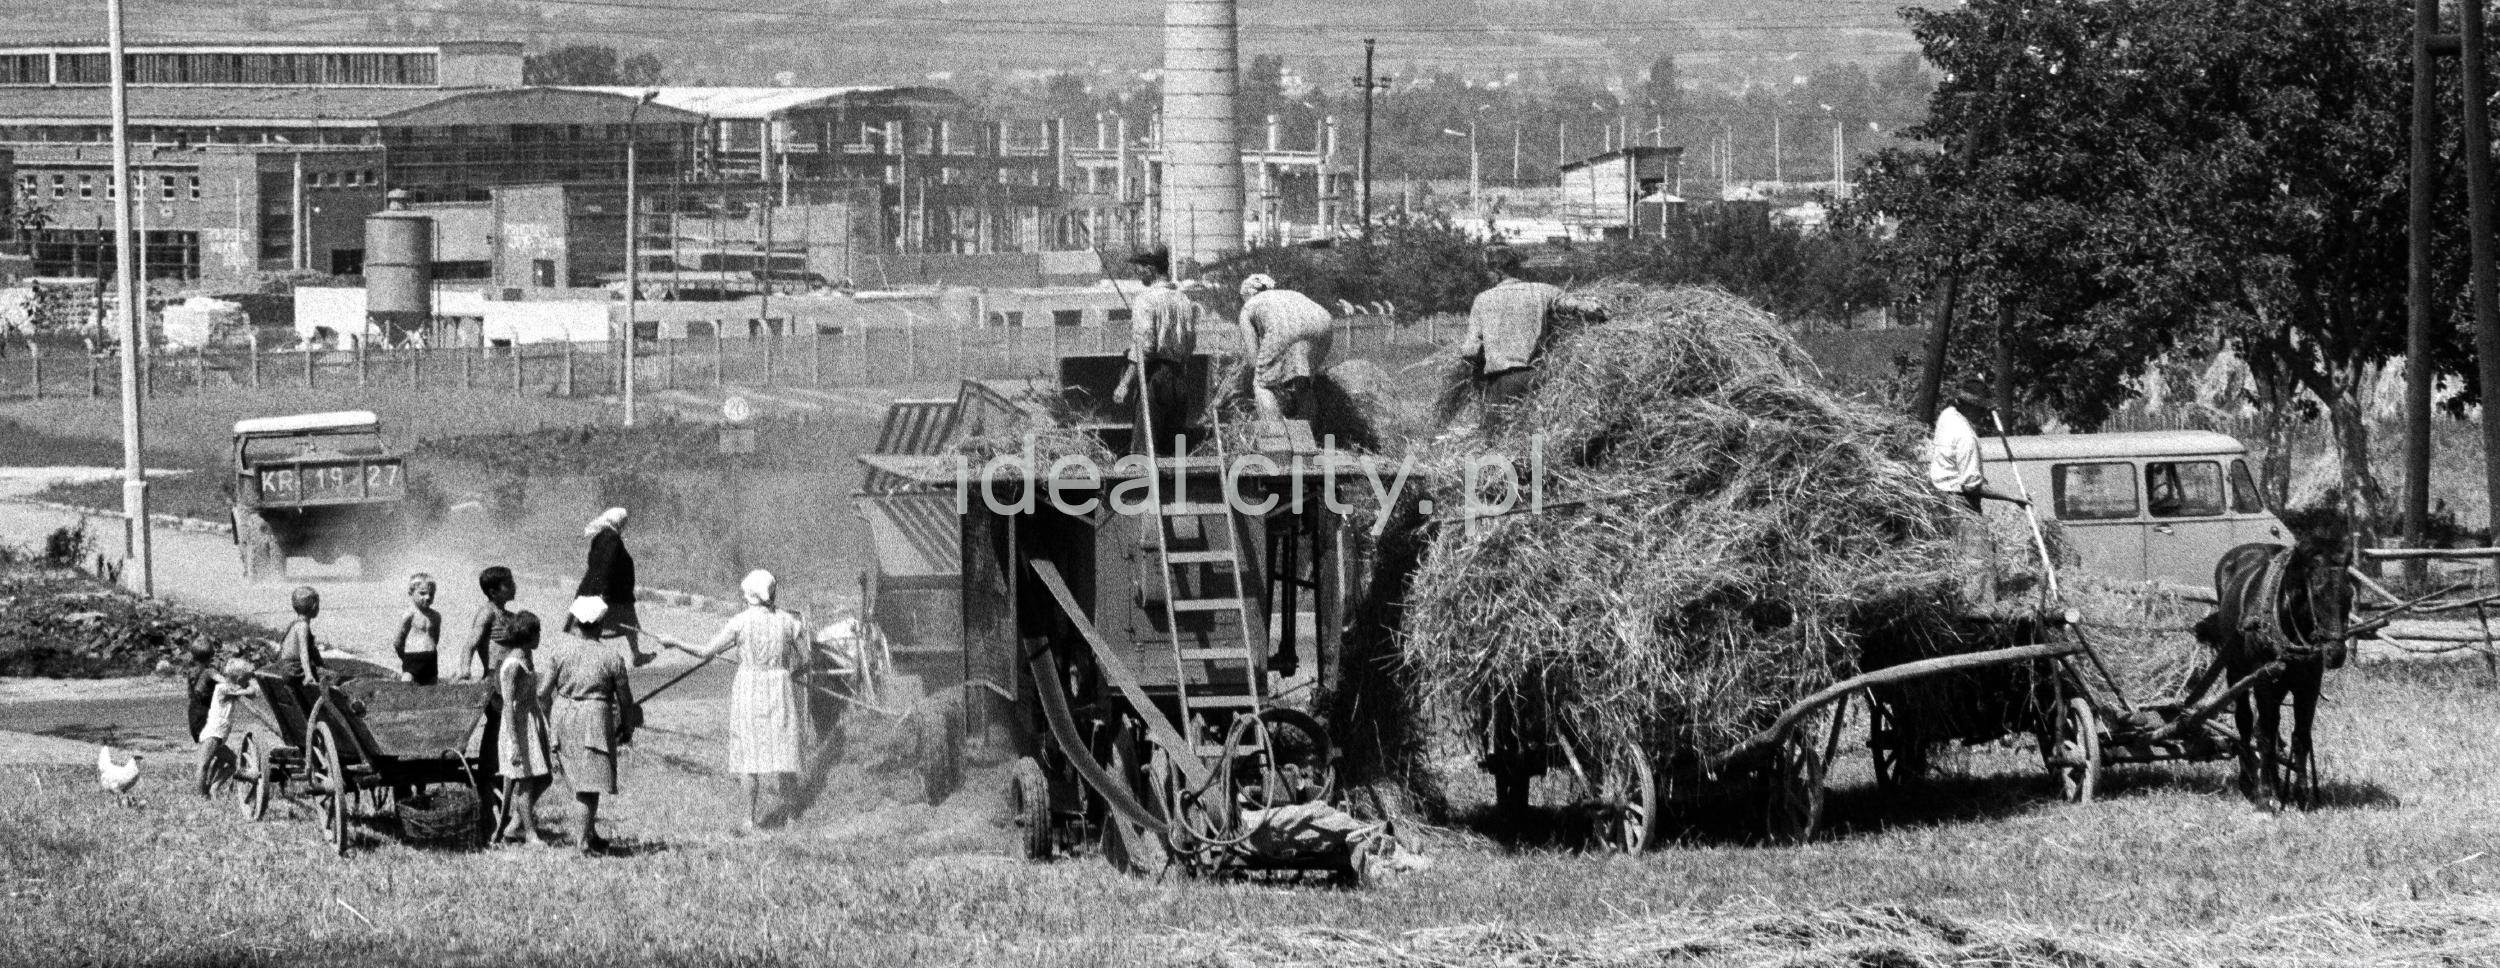 Rodzina zbiera siano na wóz konny, w tle zabudowa fabryczna, za nią góry.